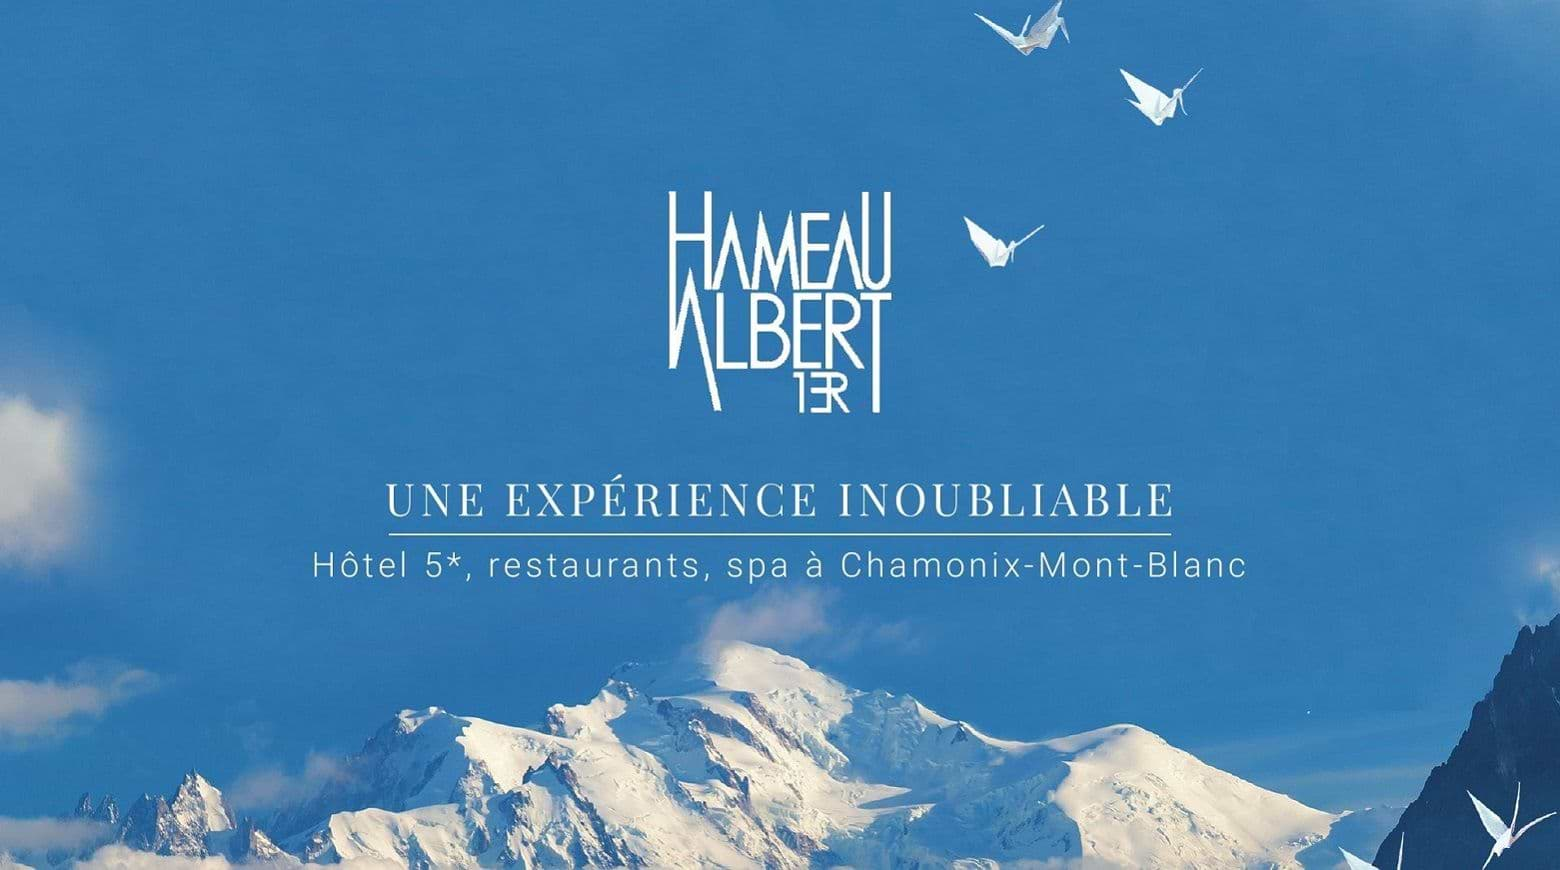 Conseil en stratégie digitale hôtel de luxe 5* & restaurant gastronomique à Chamonix, expertise en marketing hôtelier & efficacité commerciale